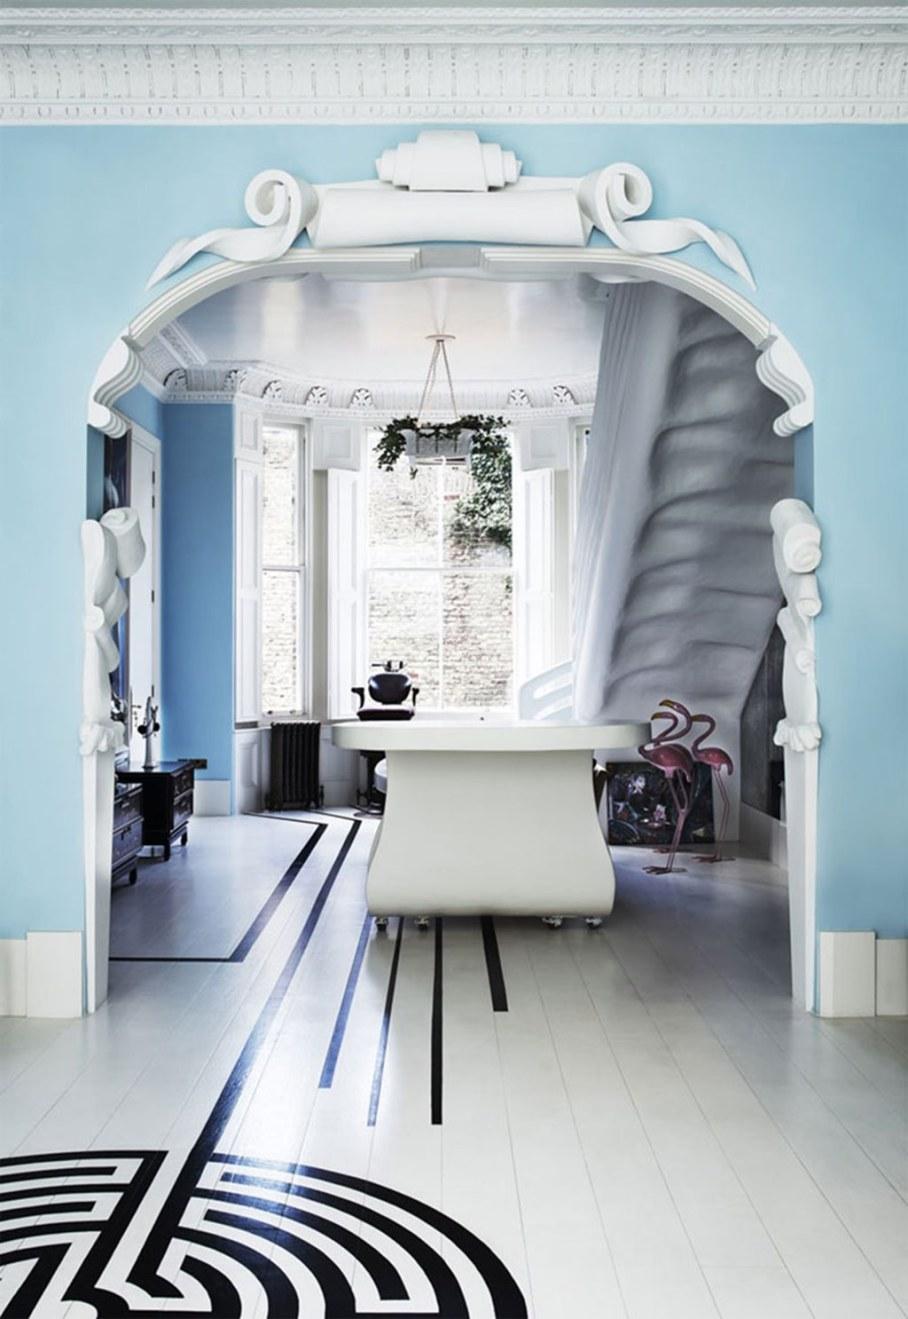 Mediterranean Interior of London Apartment - Decor